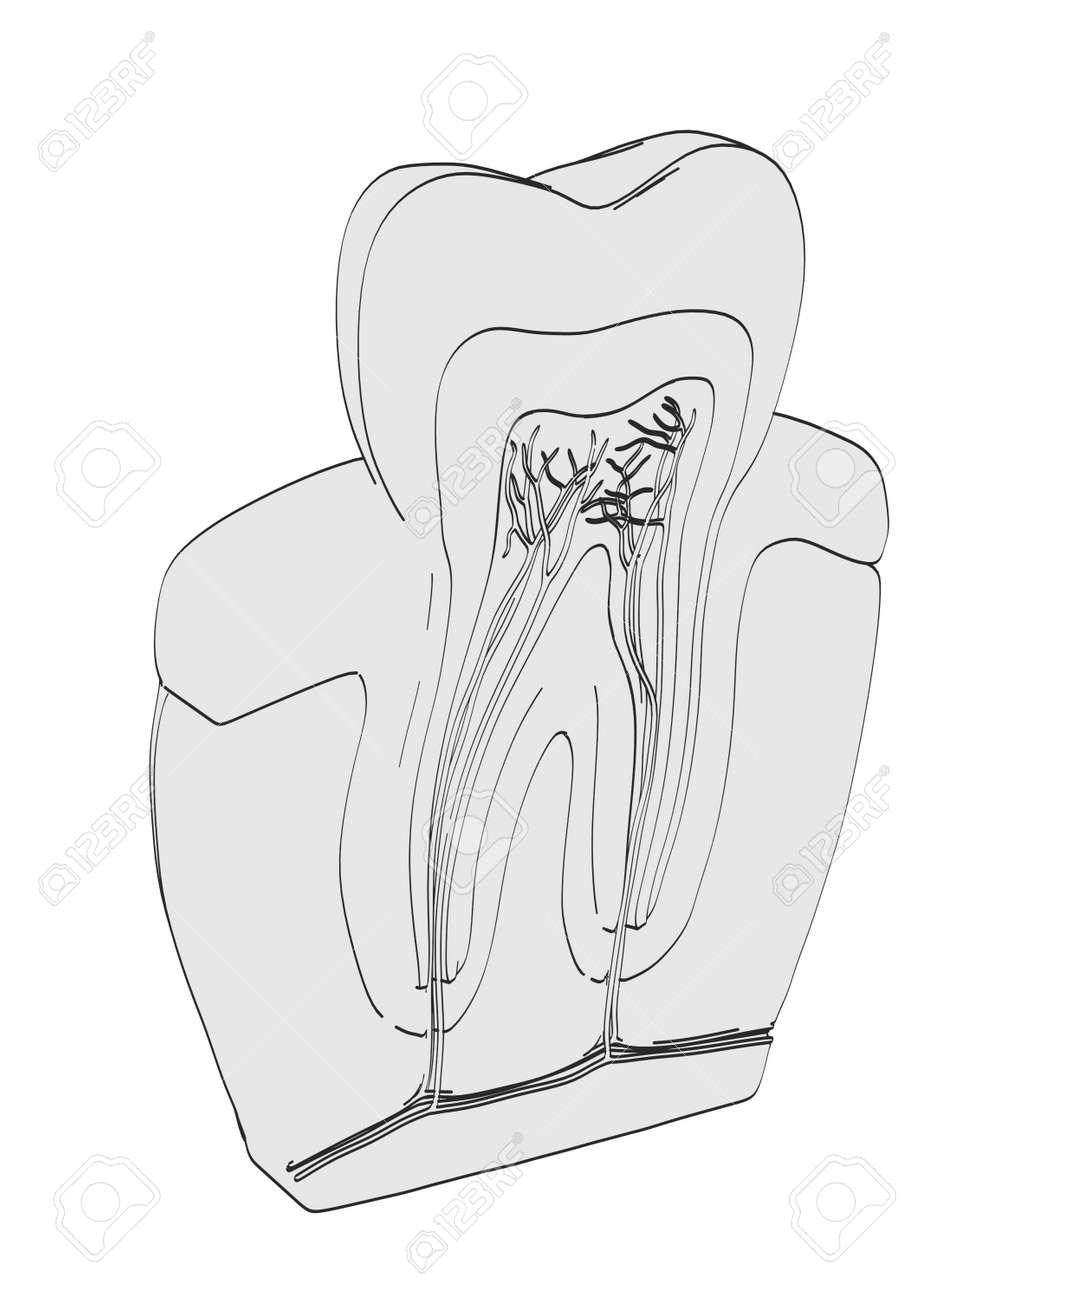 2d Ilustración De Dibujos Animados De La Anatomía Del Diente Fotos ...